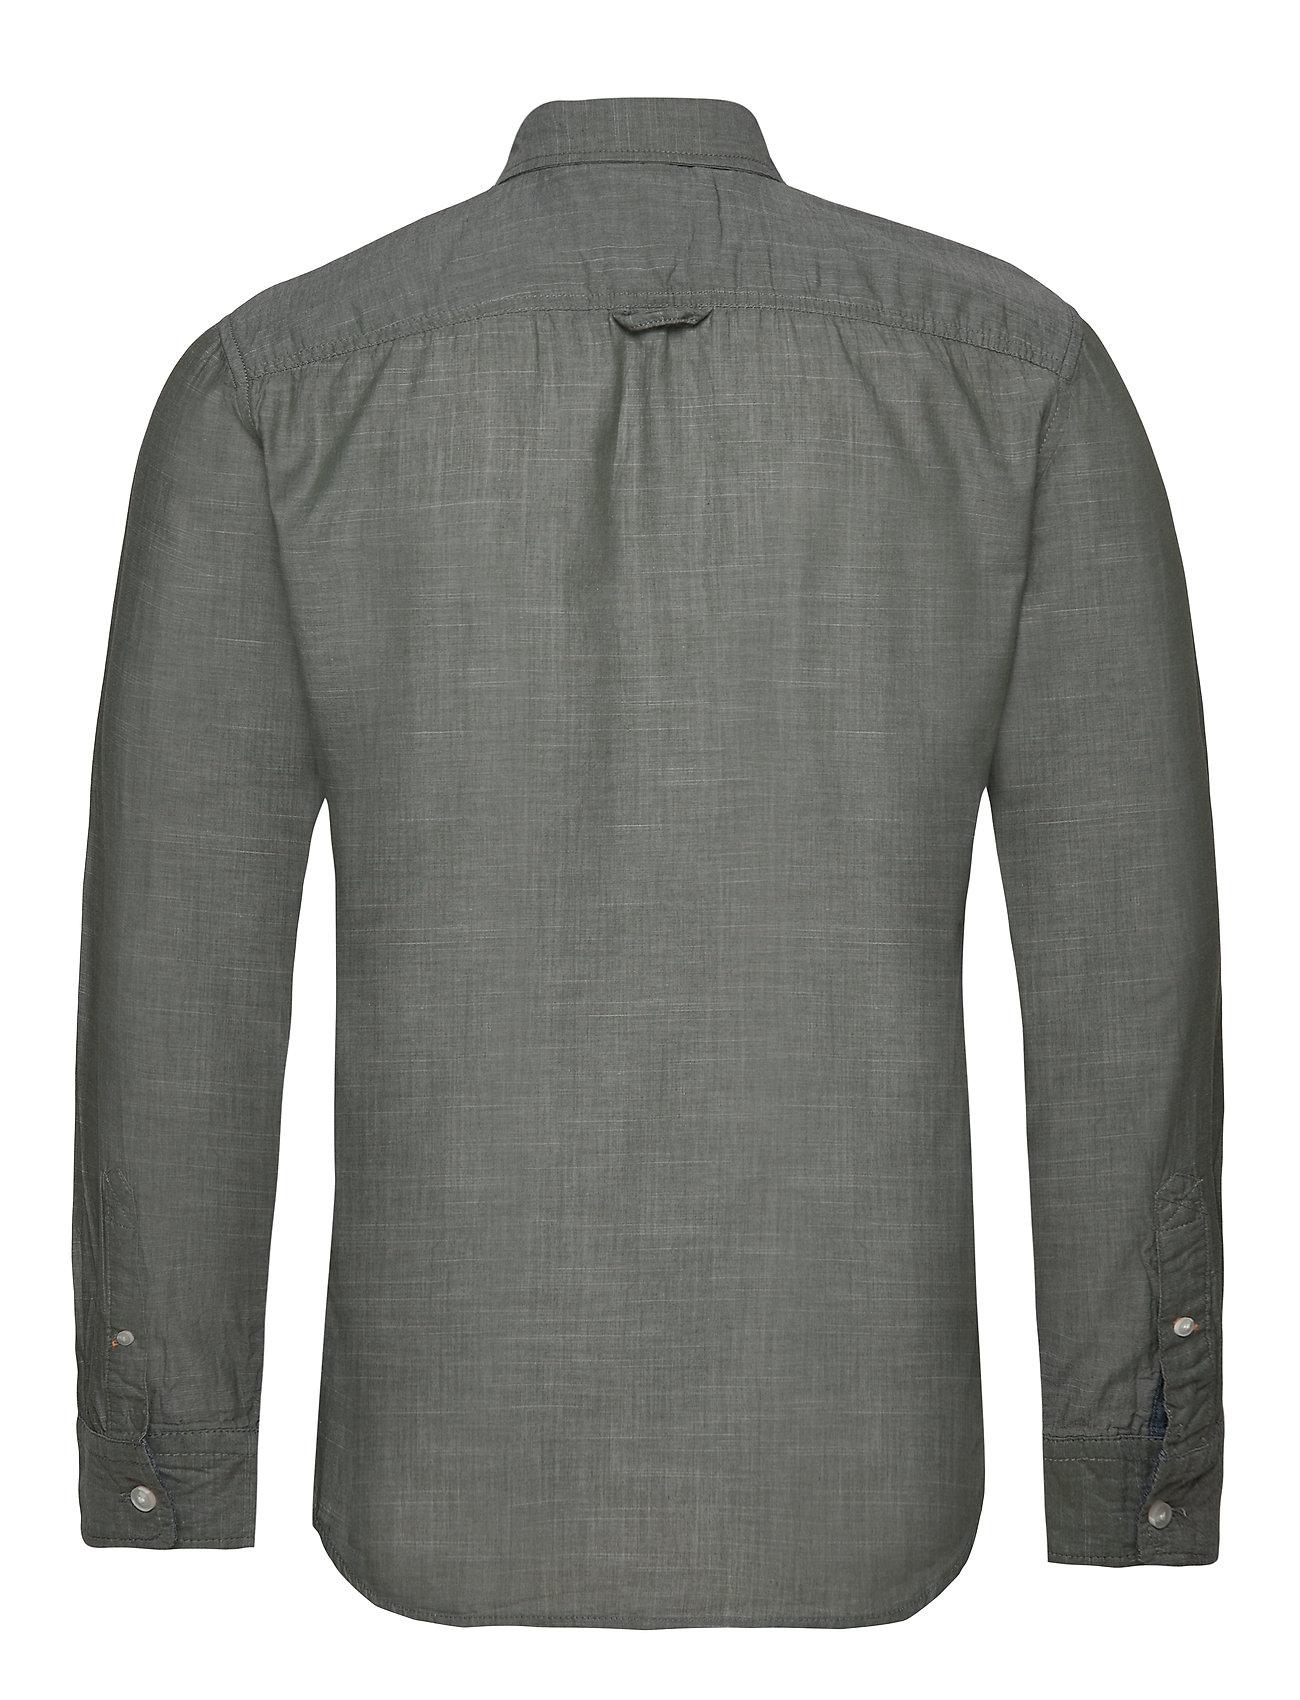 Lyle & Scott  ls slim fit poplin shirt   Laaja valikoima alennustuotteita   Miesten vaatteet